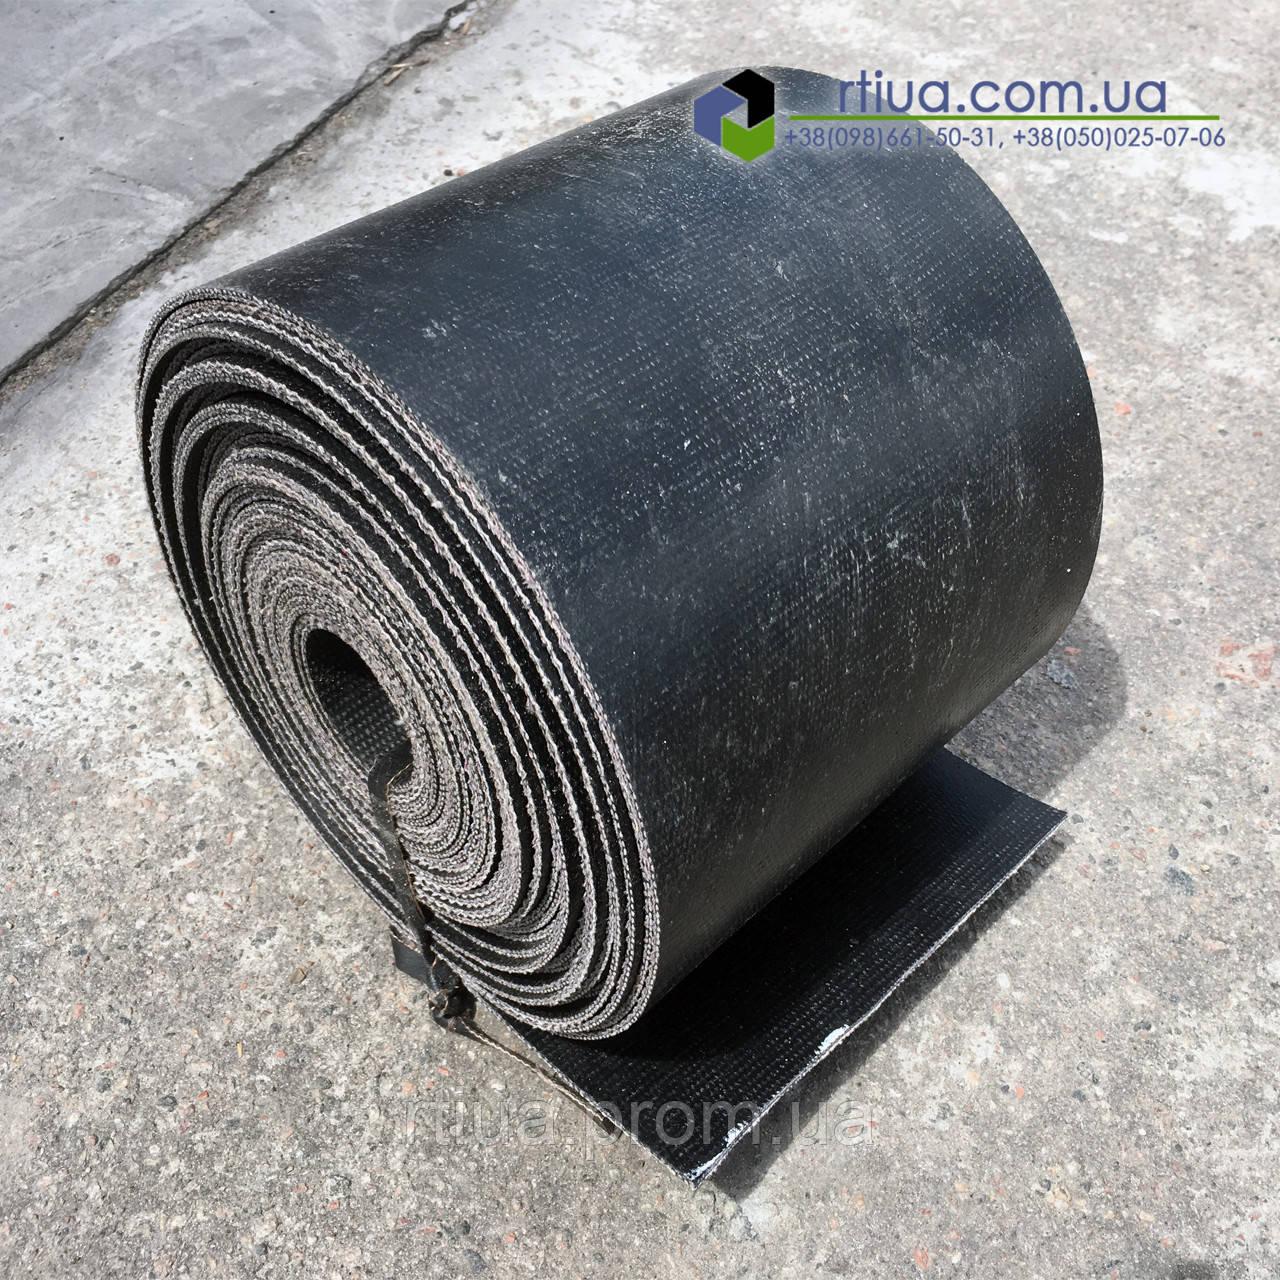 Транспортерная лента БКНЛ, 1400х3 - 3/1 (7 мм)